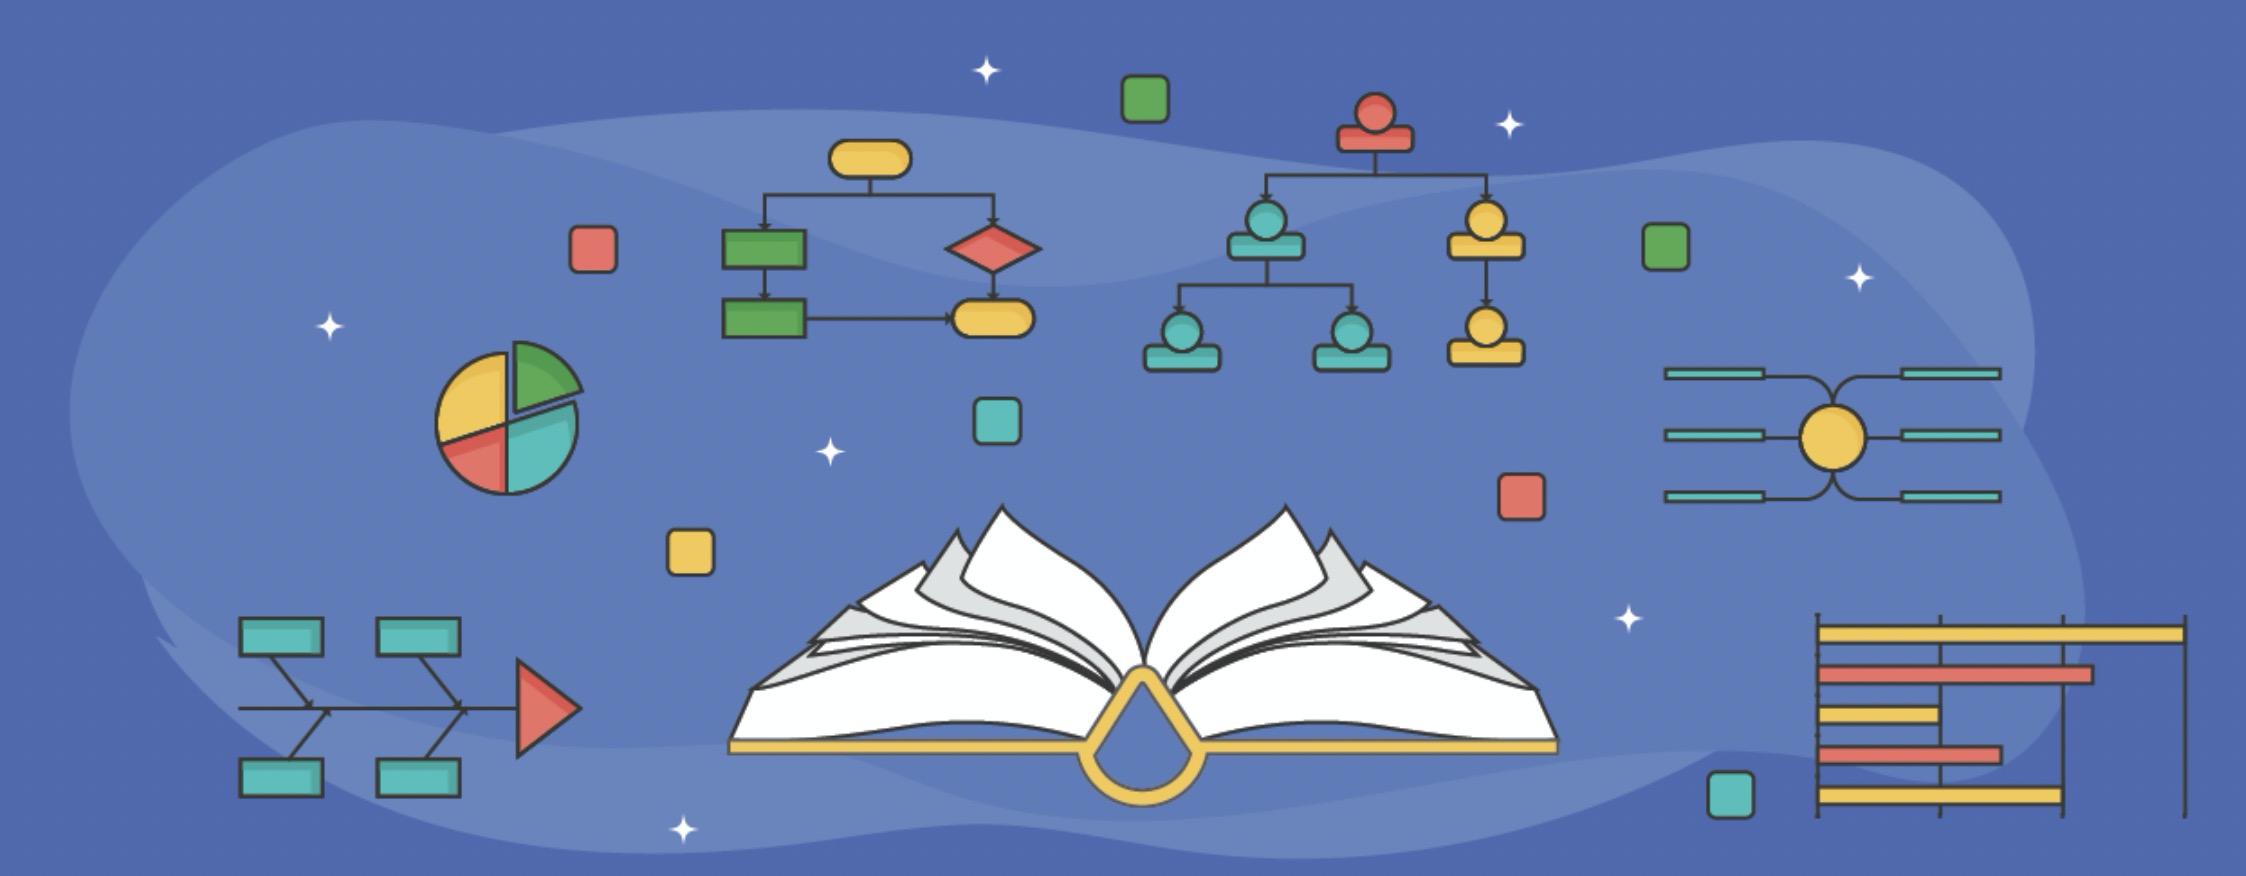 架构制图:工具与方法论